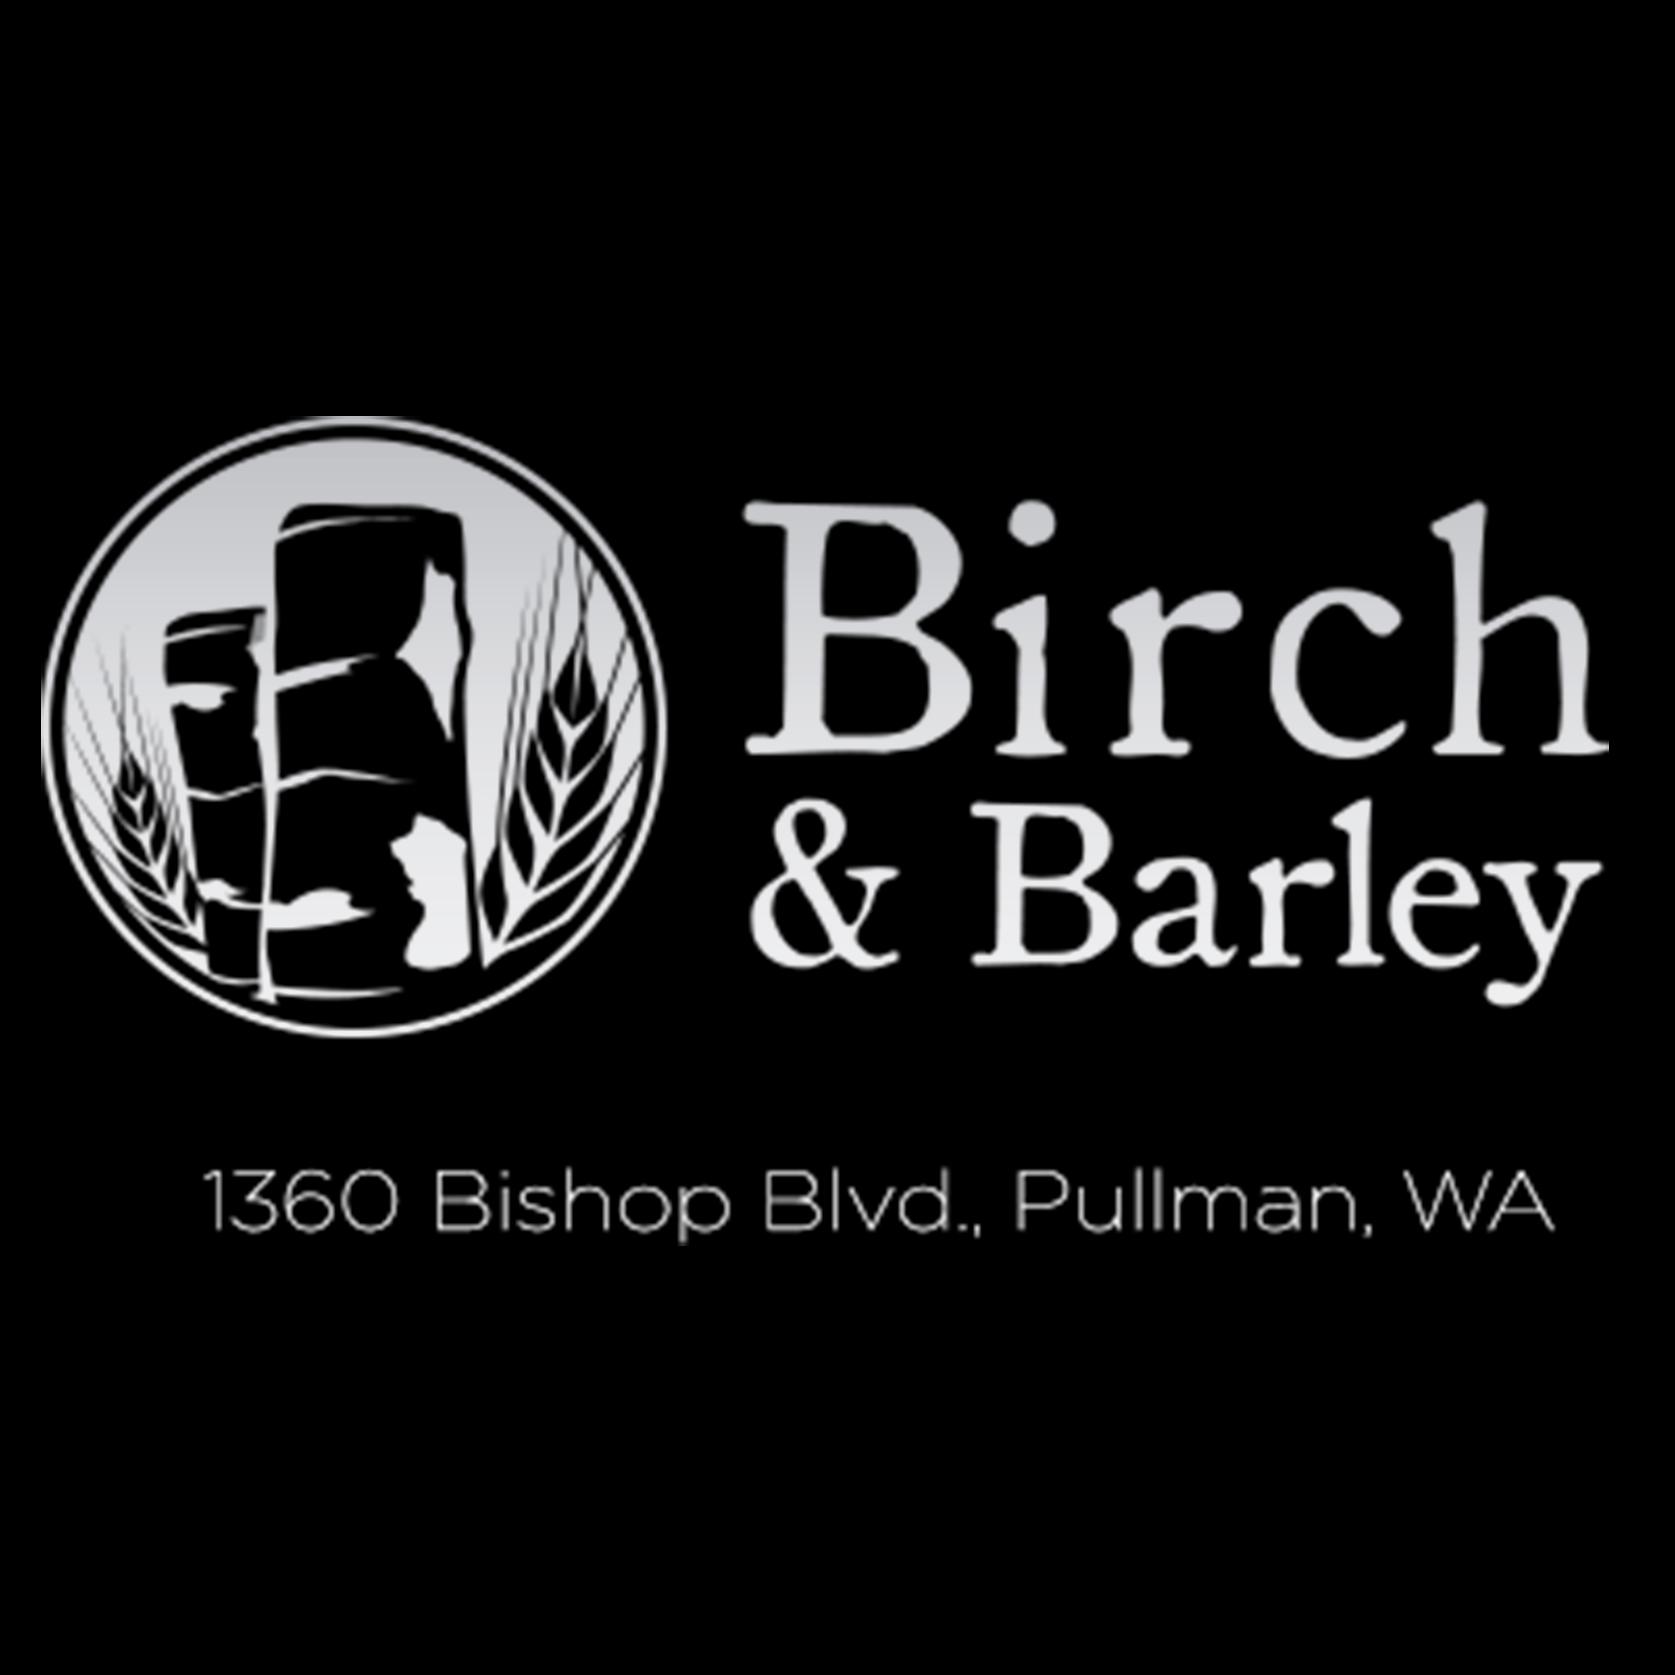 BIRCH & BARLEY -